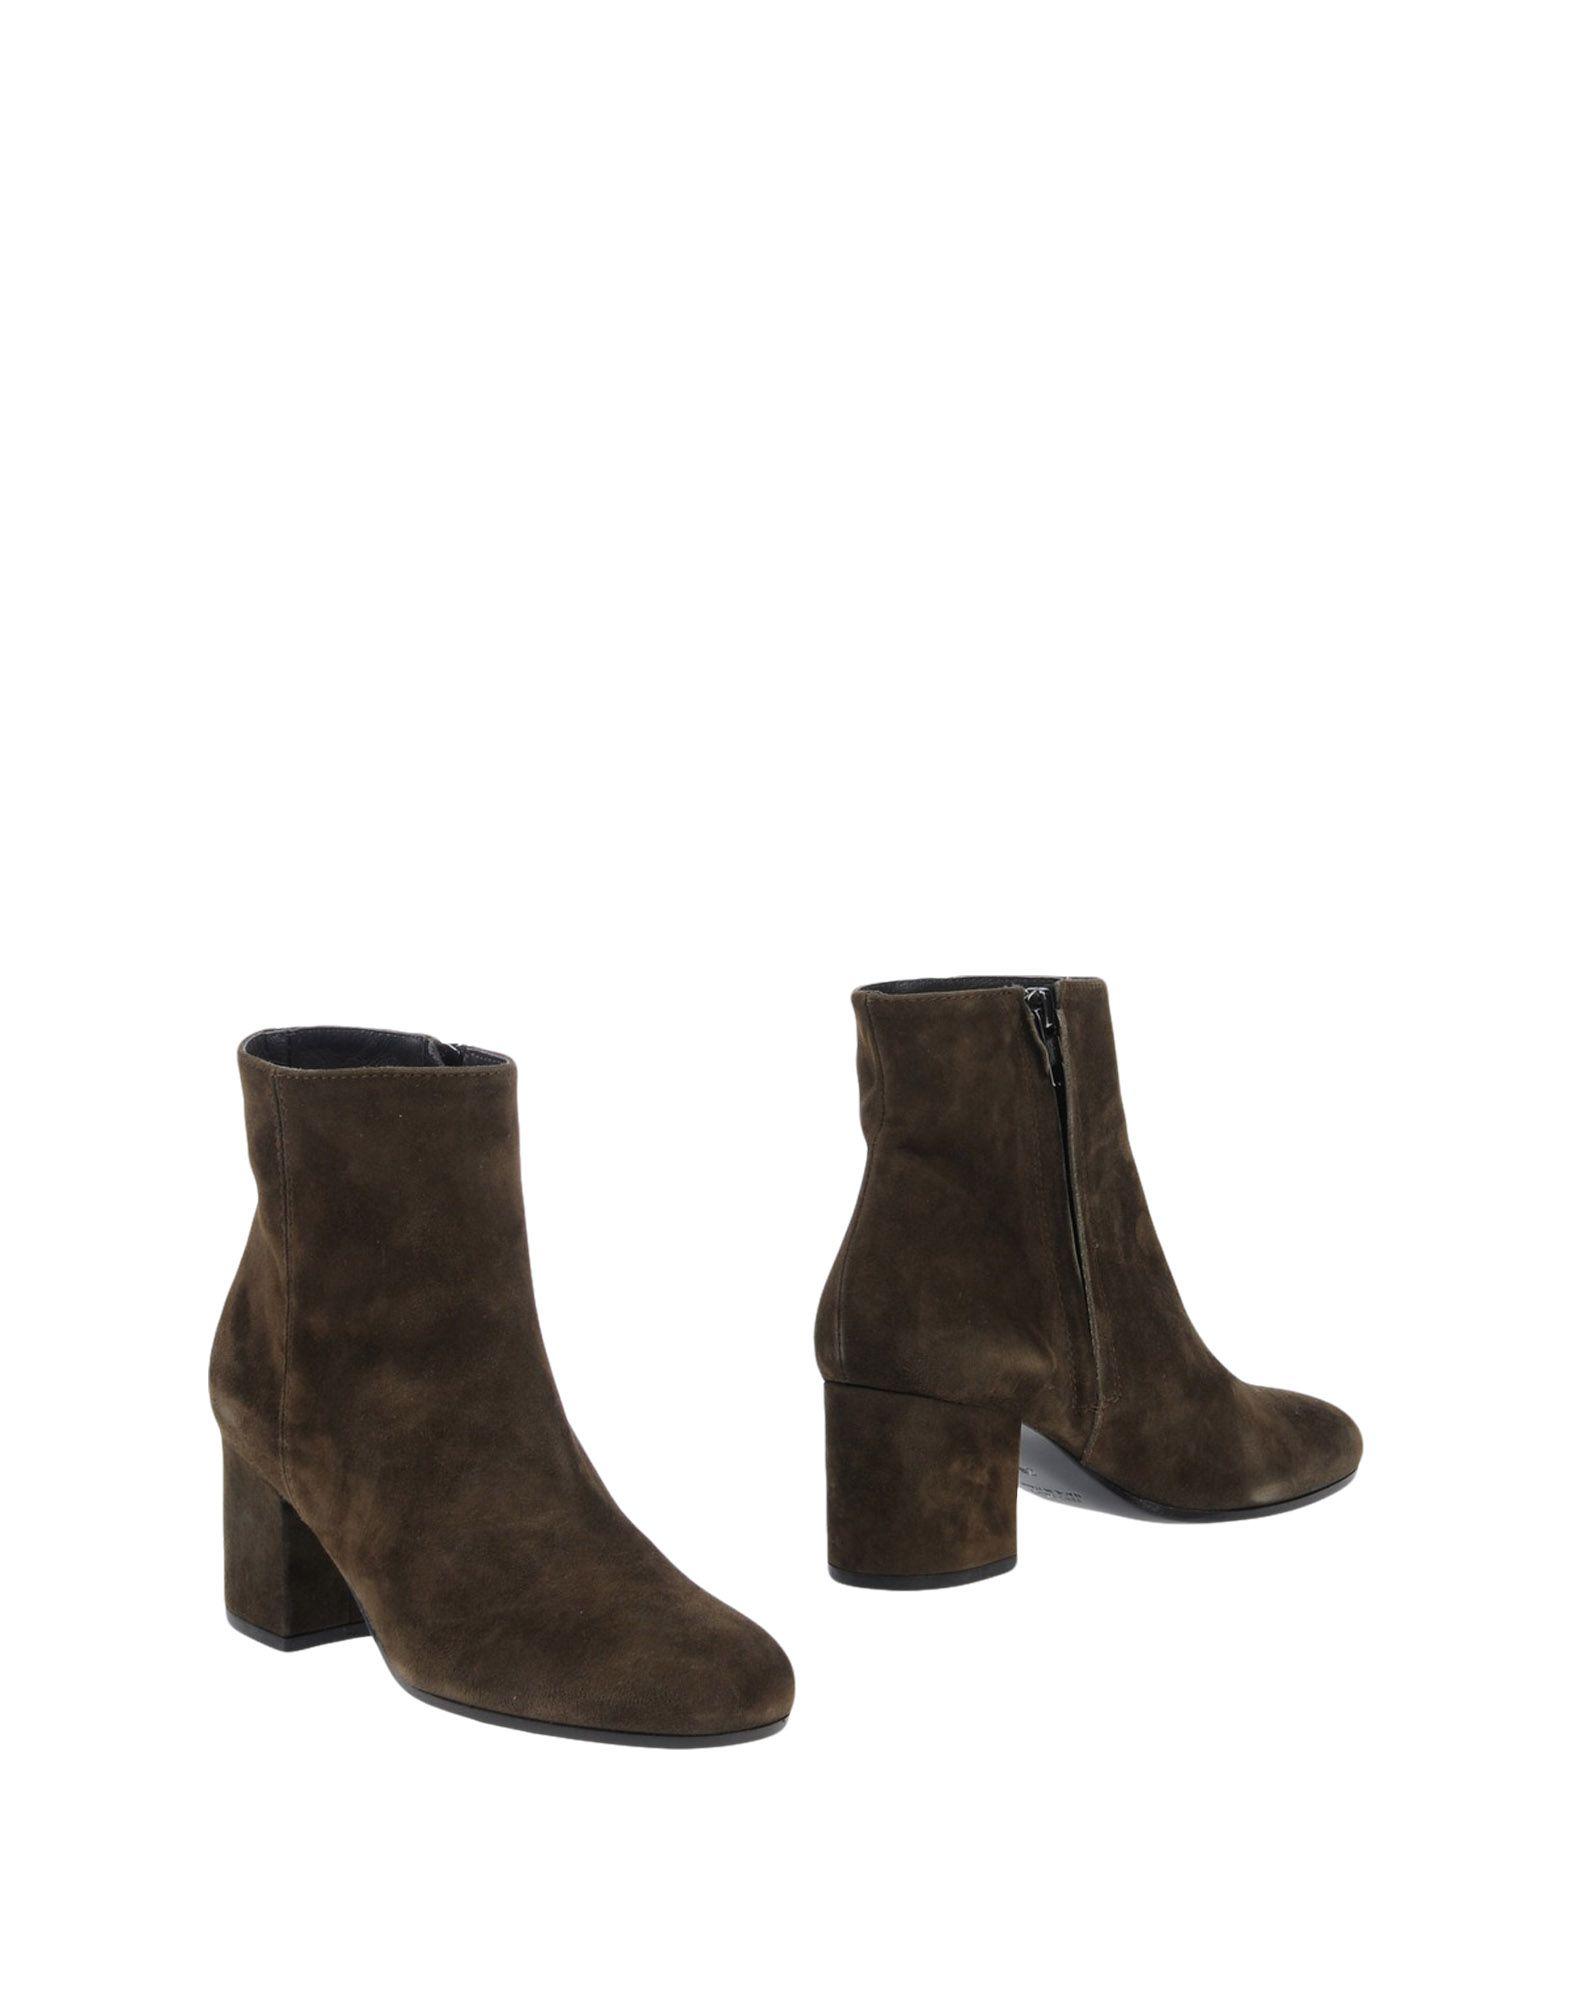 Via Roma 15 Stiefelette Damen Damen Stiefelette  11261805DA Neue Schuhe 4cb76c